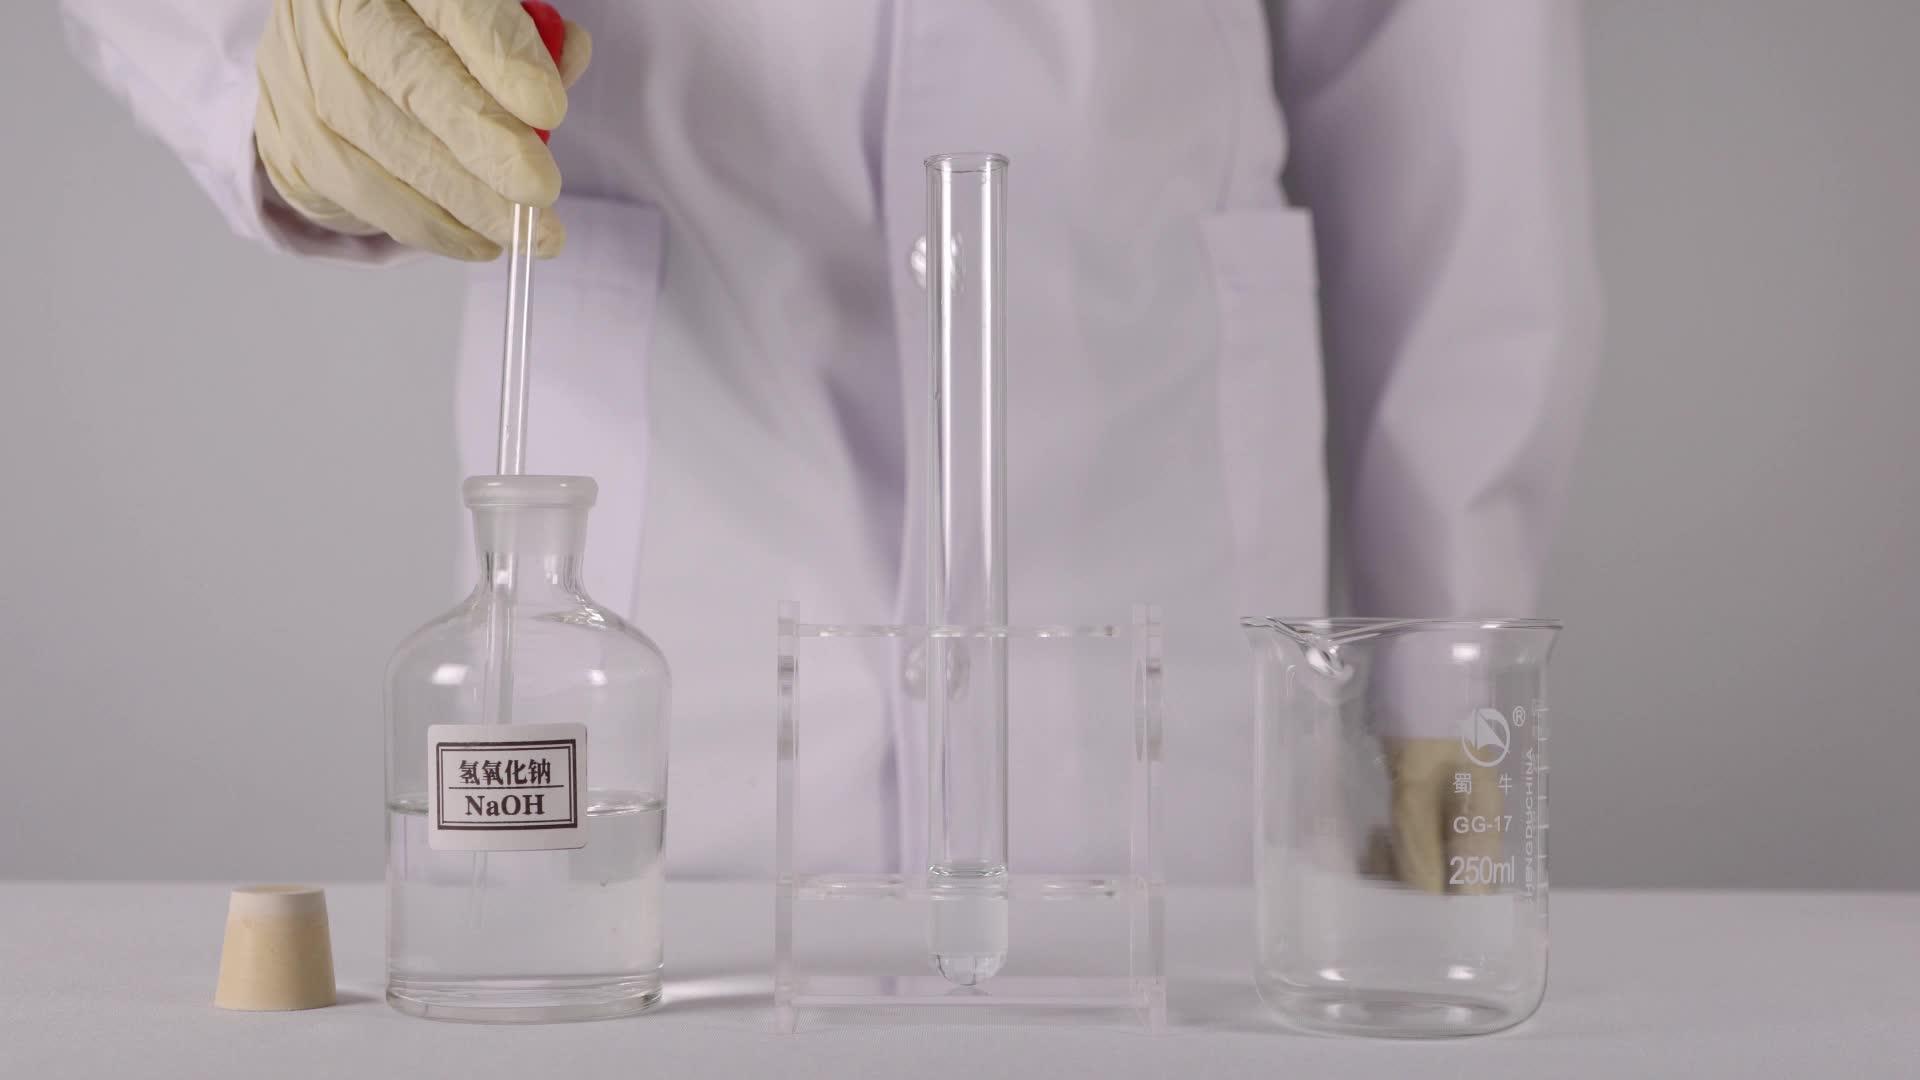 【限时免费】3.2 铁的氢氧化物-【火花学院】人教版必修一高一化学 第三章 金属及其化合物 第二节 几种重要的金属化合物 [来自e网通客户端]